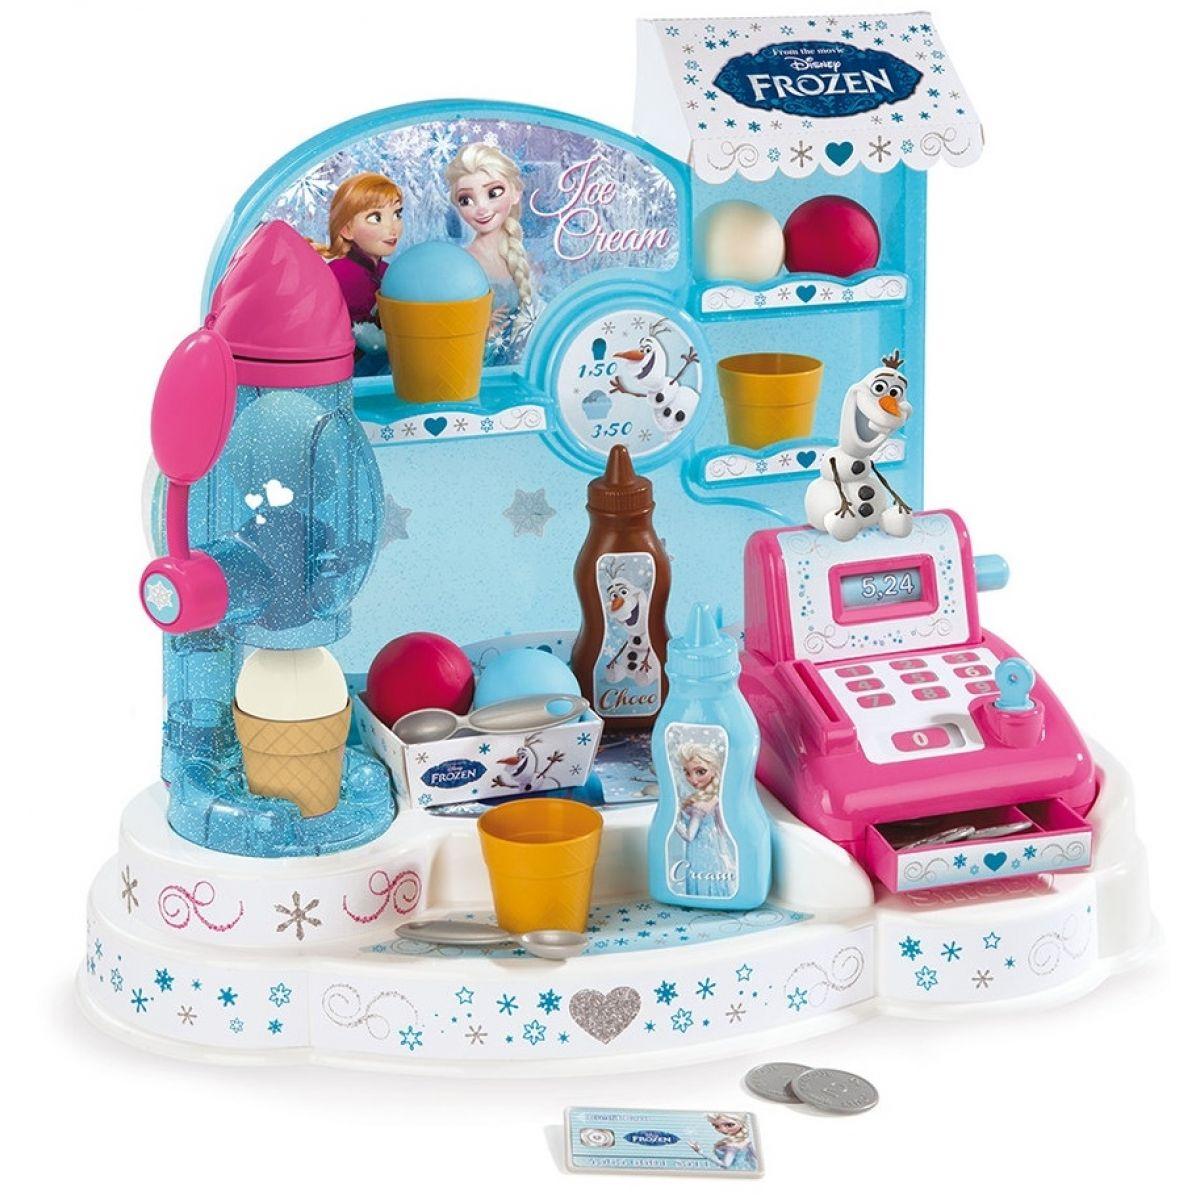 SMOBY 350401 Frozen trblietajúca sa zmrzlináreň s koláčmi pokladňou a dávkovačom zmrzliny + 22 doplnkov